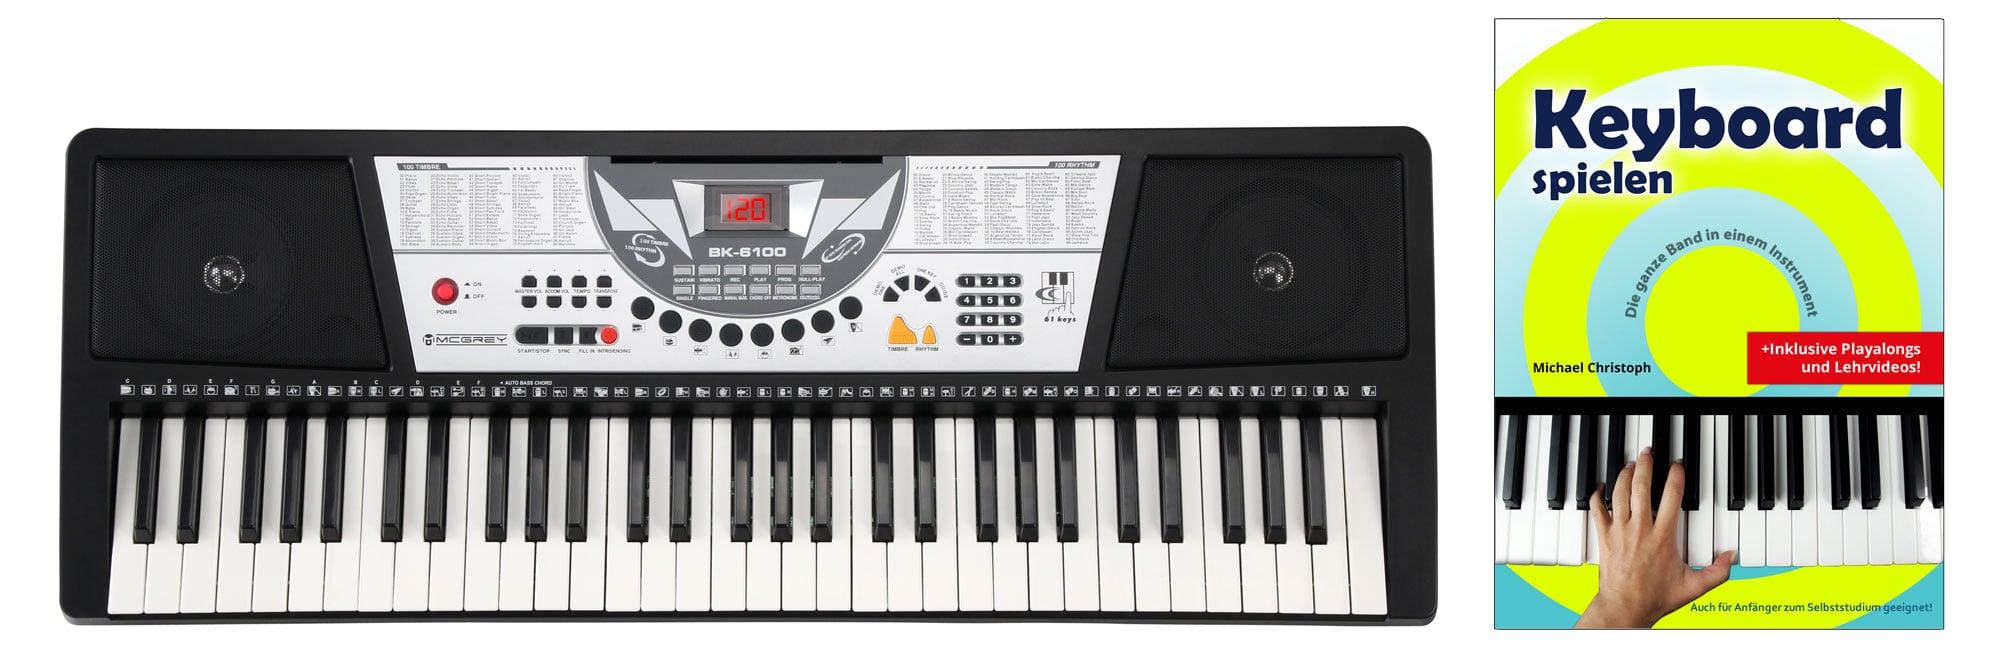 Homekeyboards - McGrey BK 6100 Keyboard mit 61 Tasten, Keyboardschule und Notenhalter - Onlineshop Musikhaus Kirstein